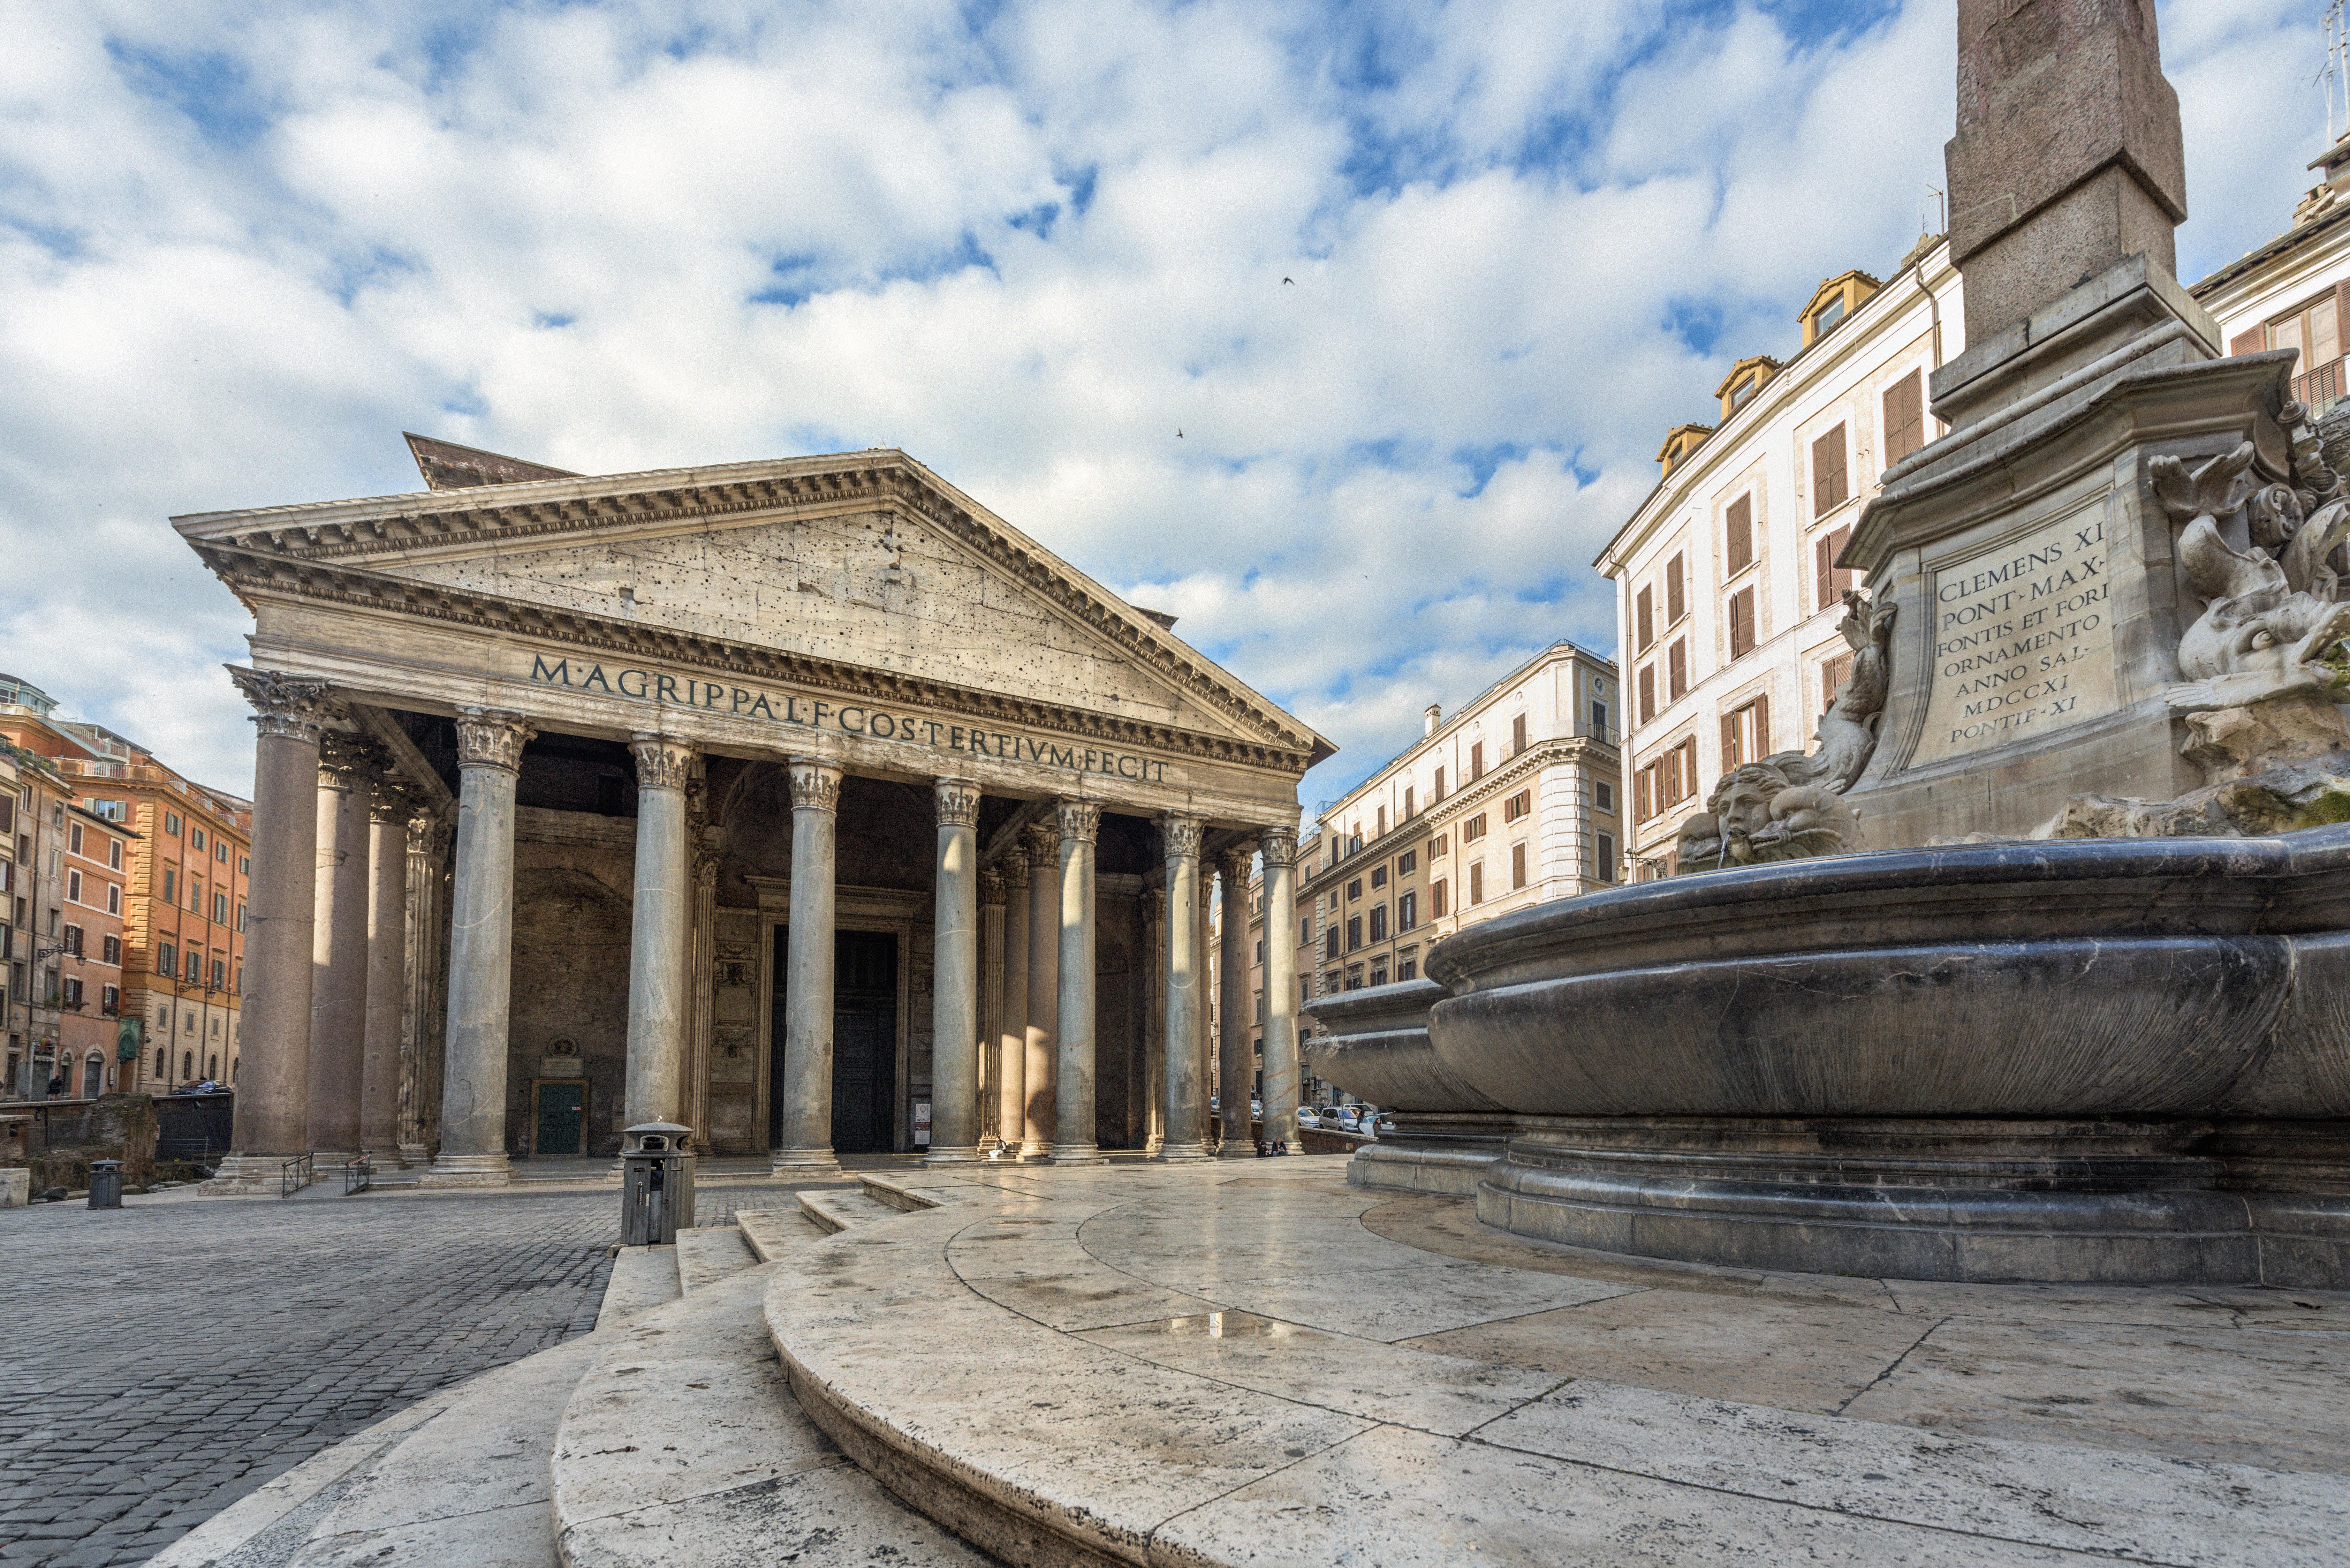 El sublime espectáculo de la nieve en el Panteón - Italia Circuito Italia Monumental: Roma, Florencia y Venecia